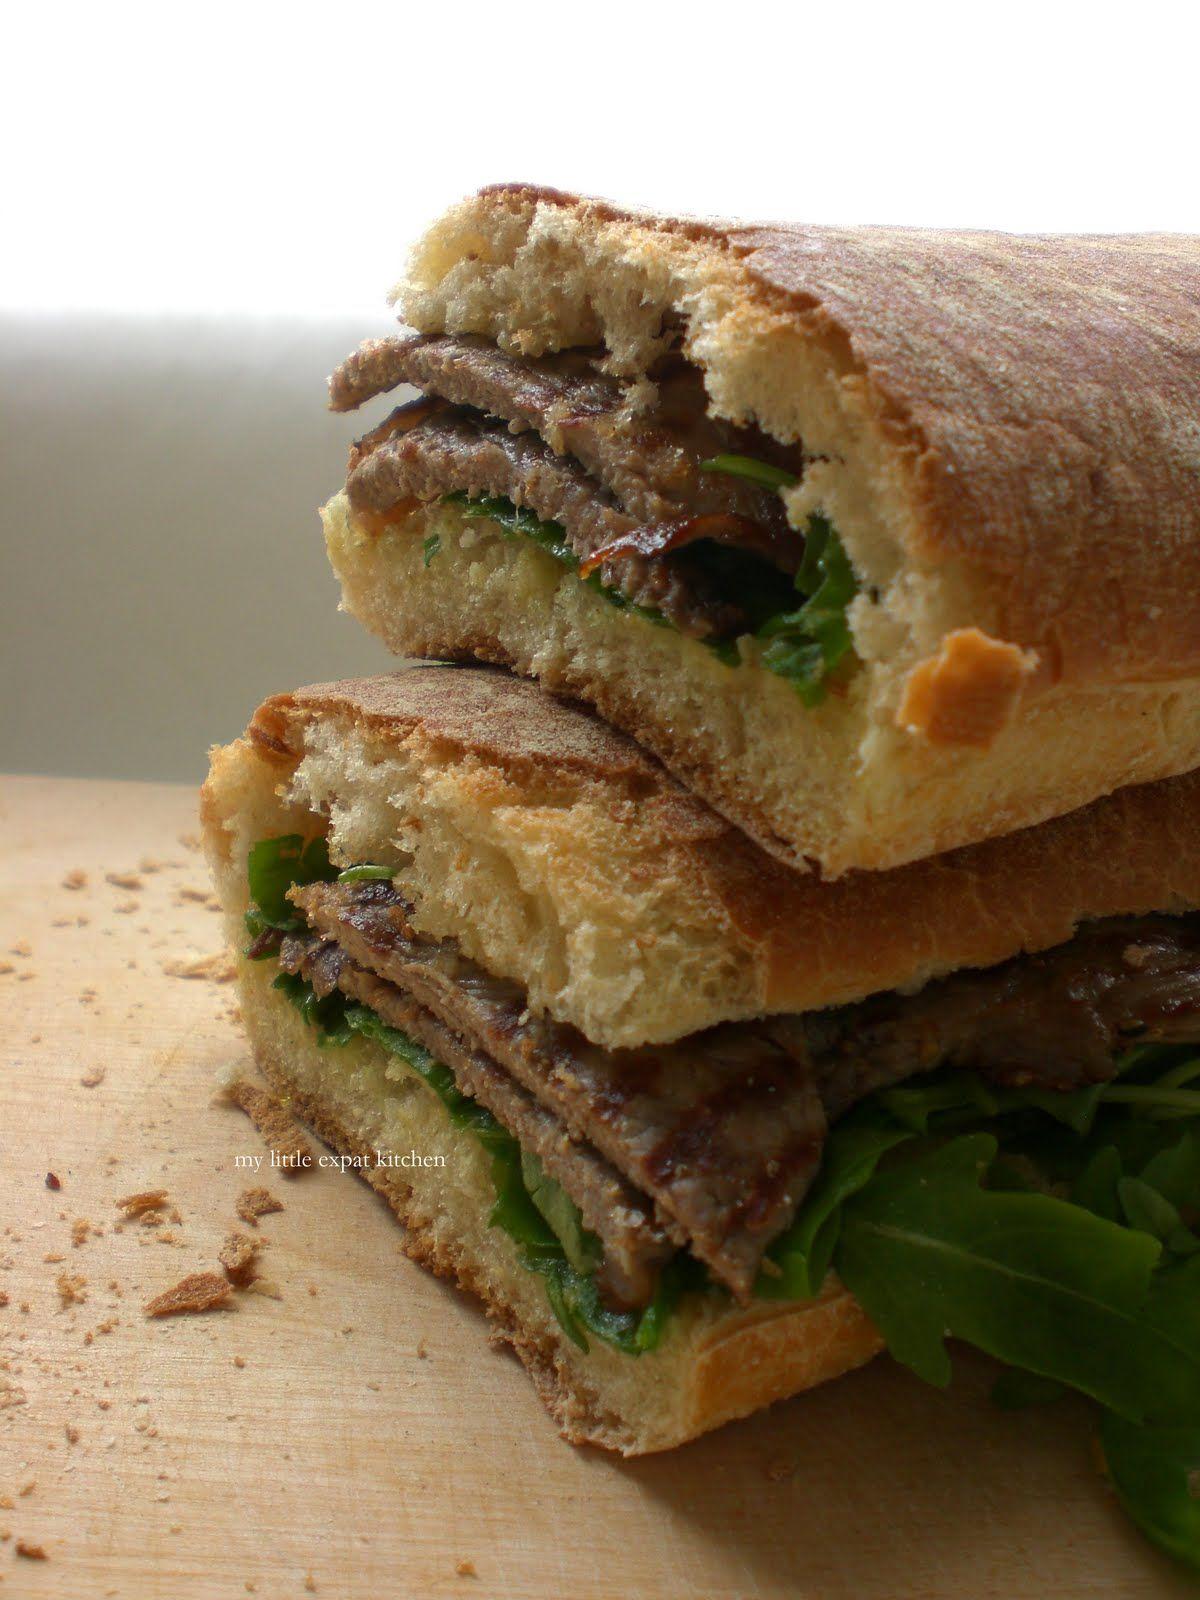 что тому рецепты сэндвичей в домашних условиях с фото длина составляет